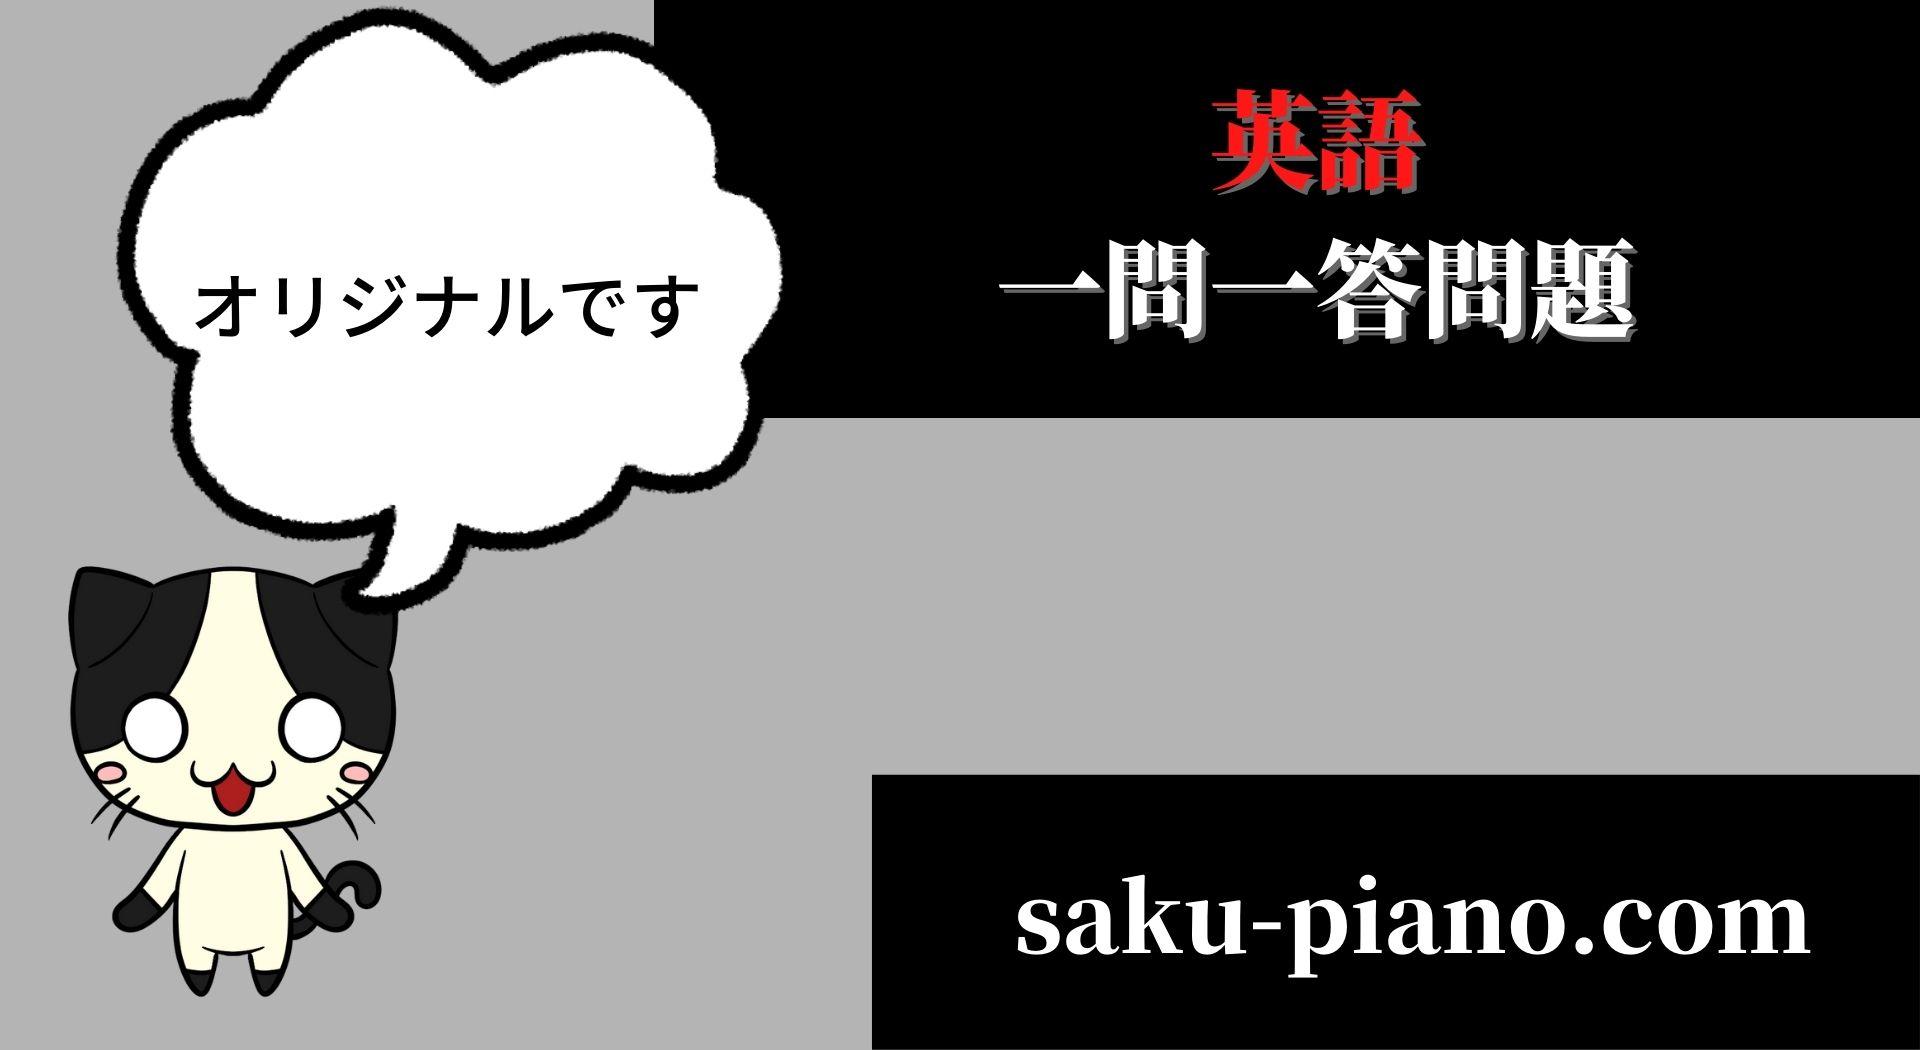 「【オリジナル】英語の一問一答問題を公開します!!【大学受験レベル】」のアイキャッチ画像